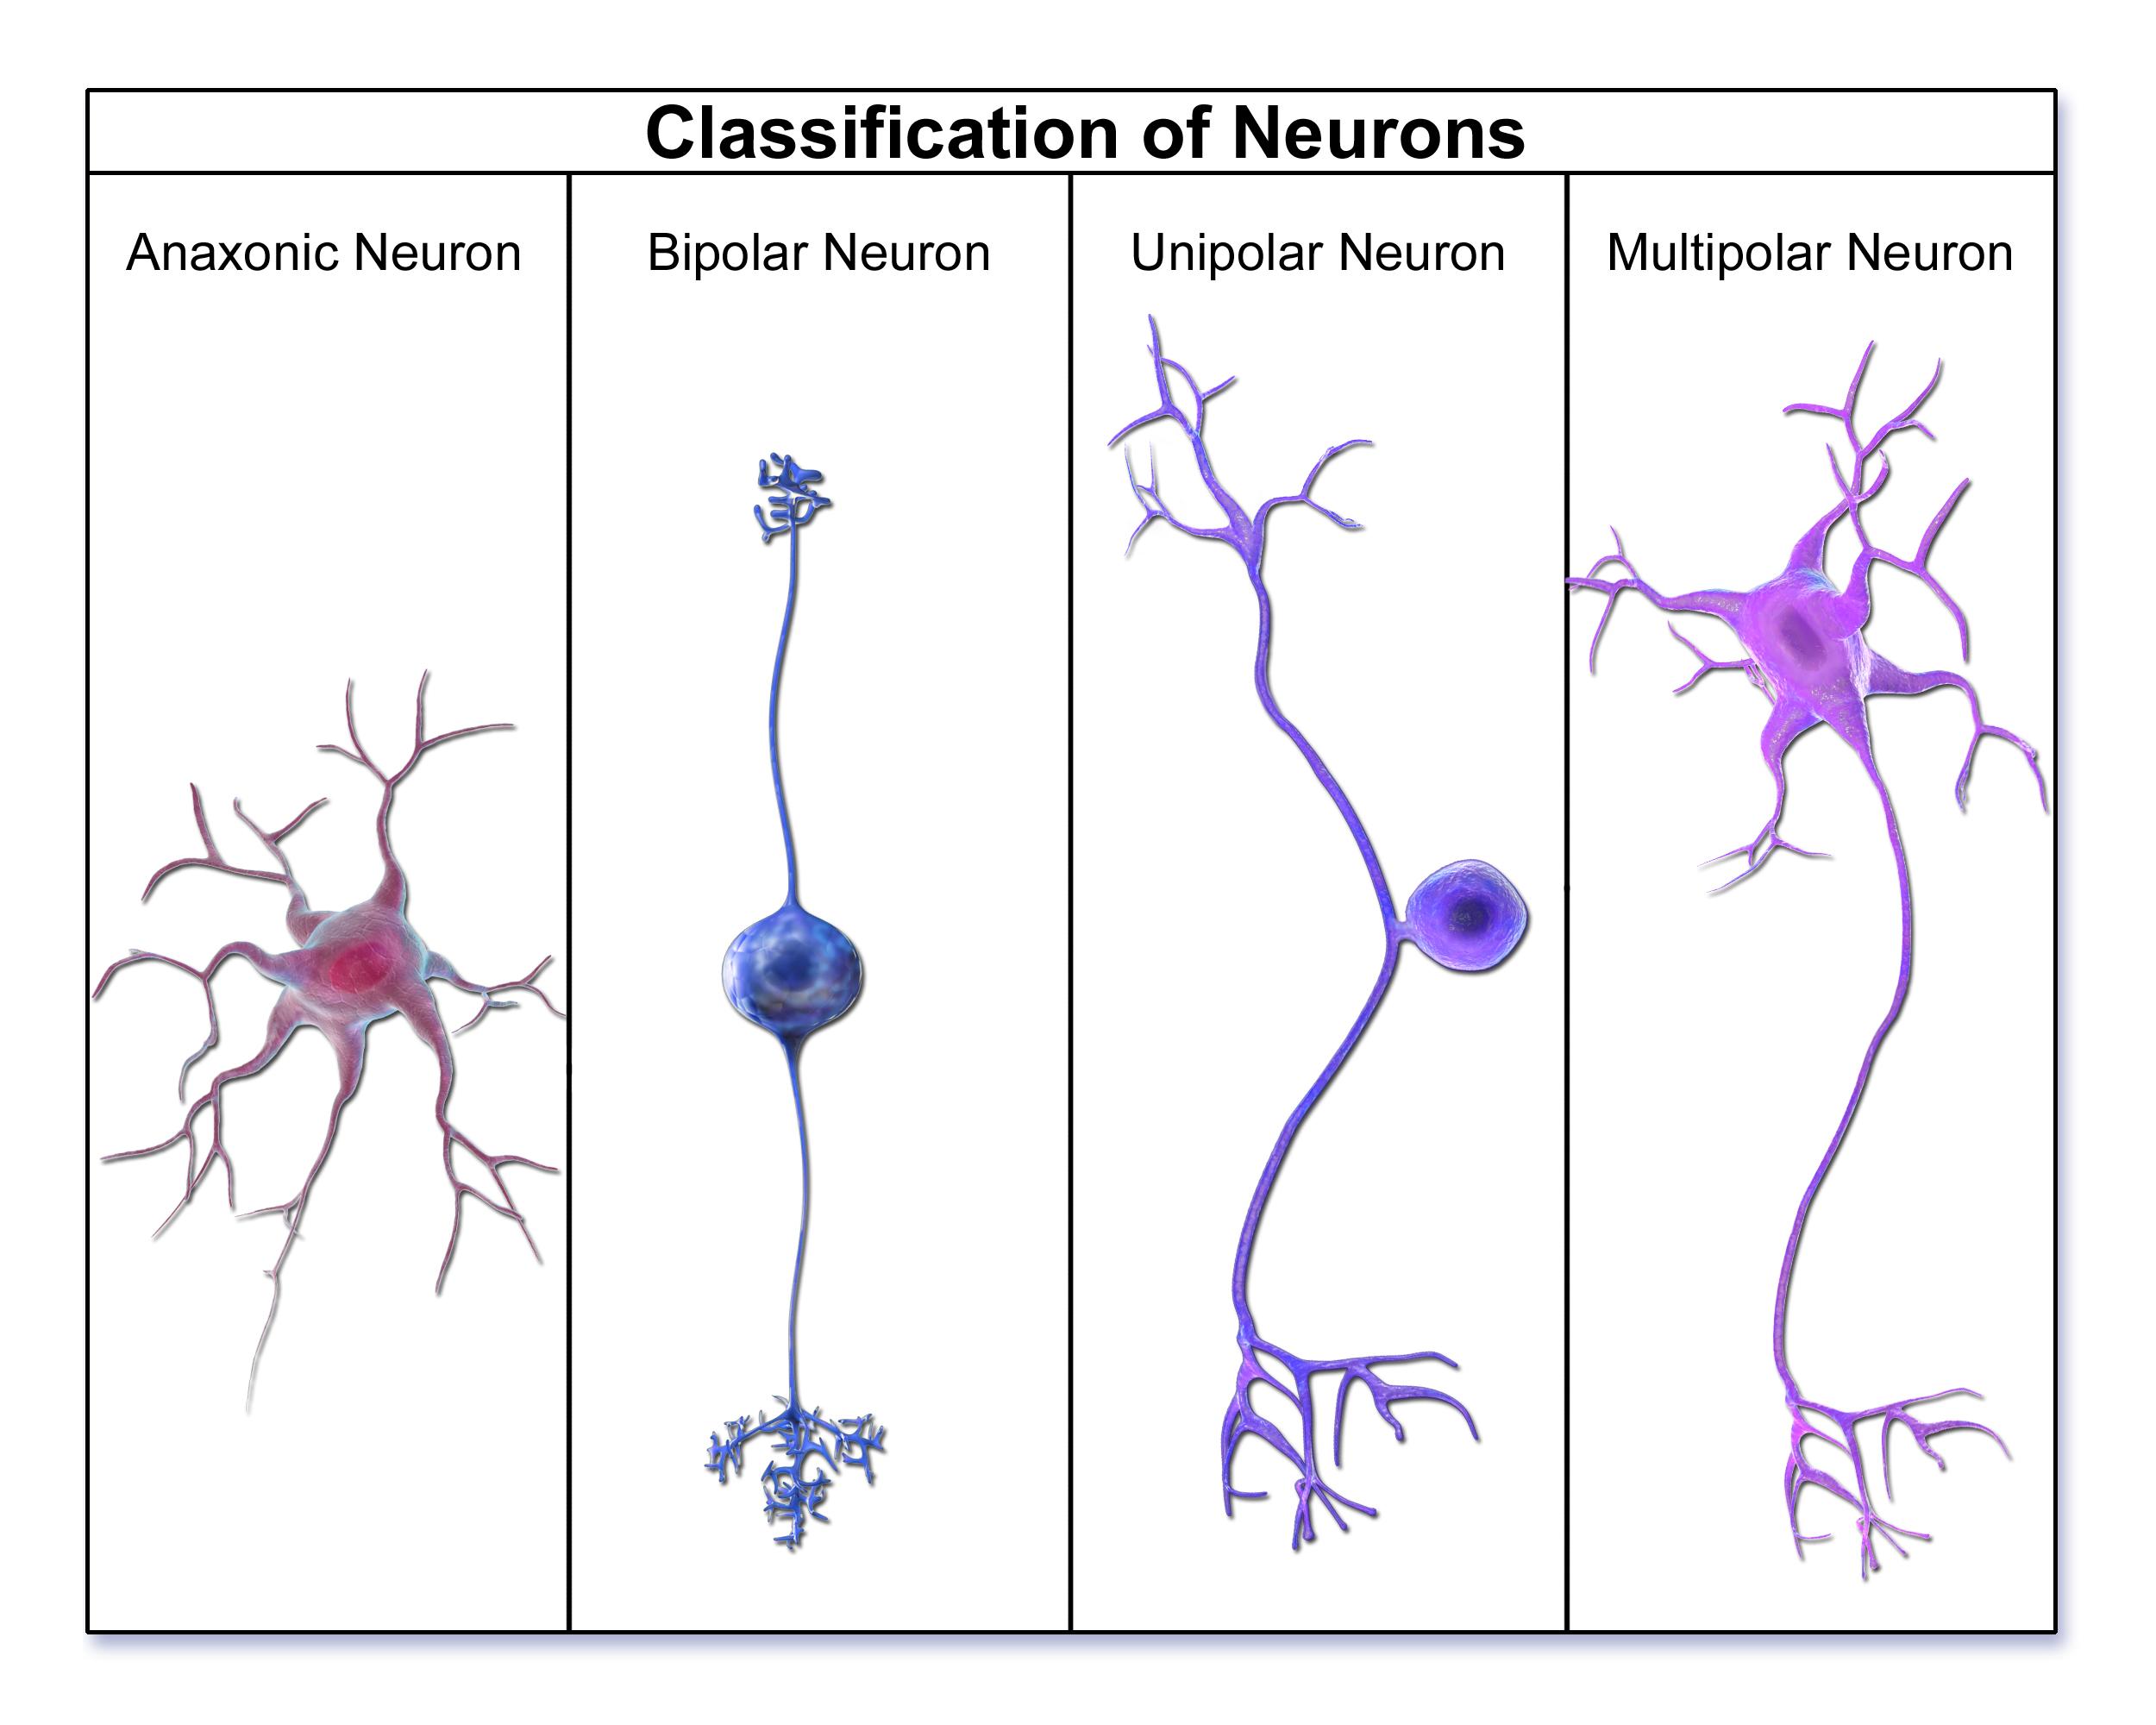 خلية عصبية متعددة القطب